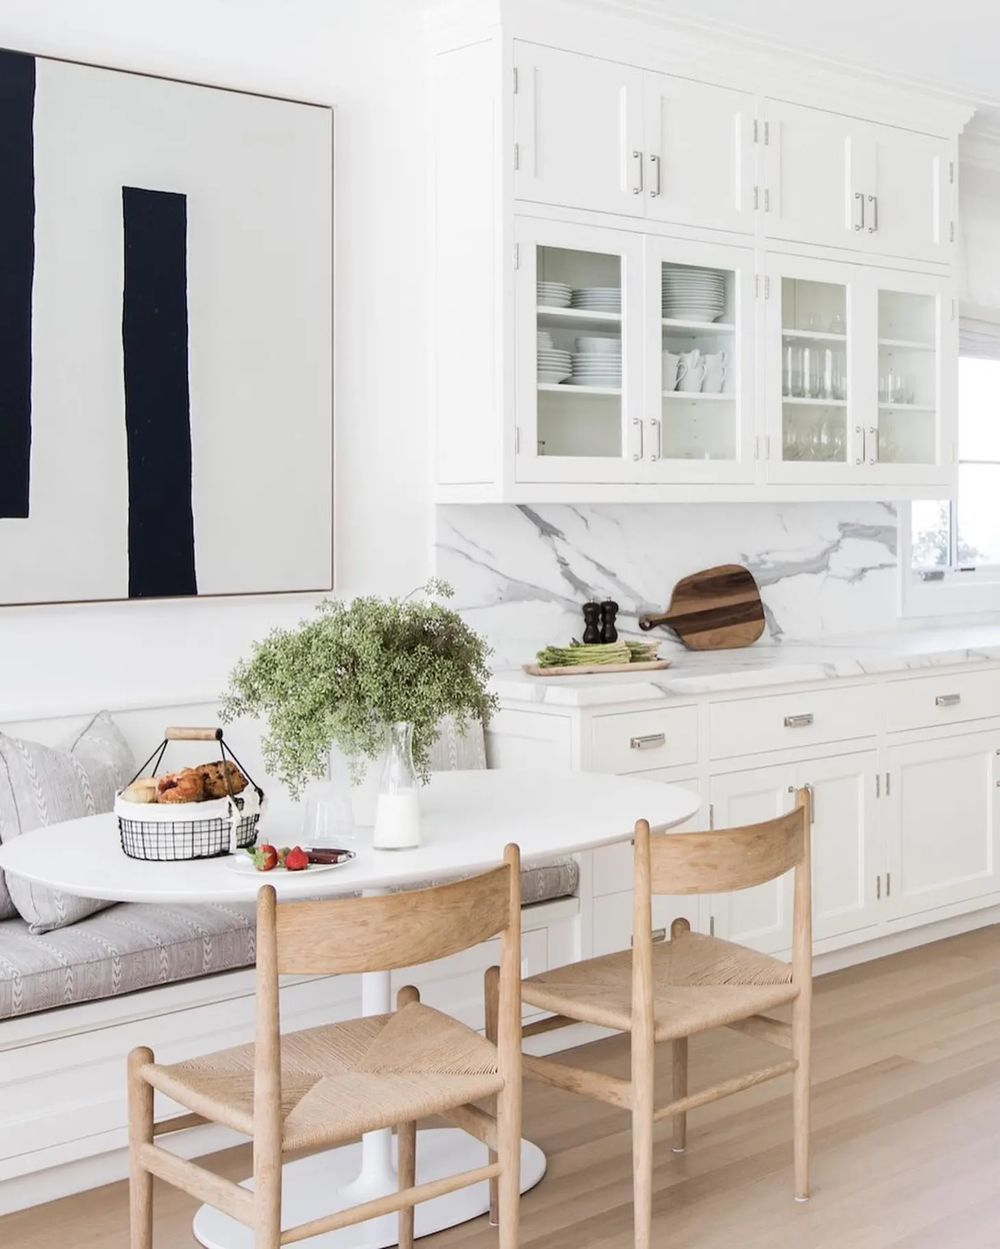 25 Breakfast Nook Decor Ideas